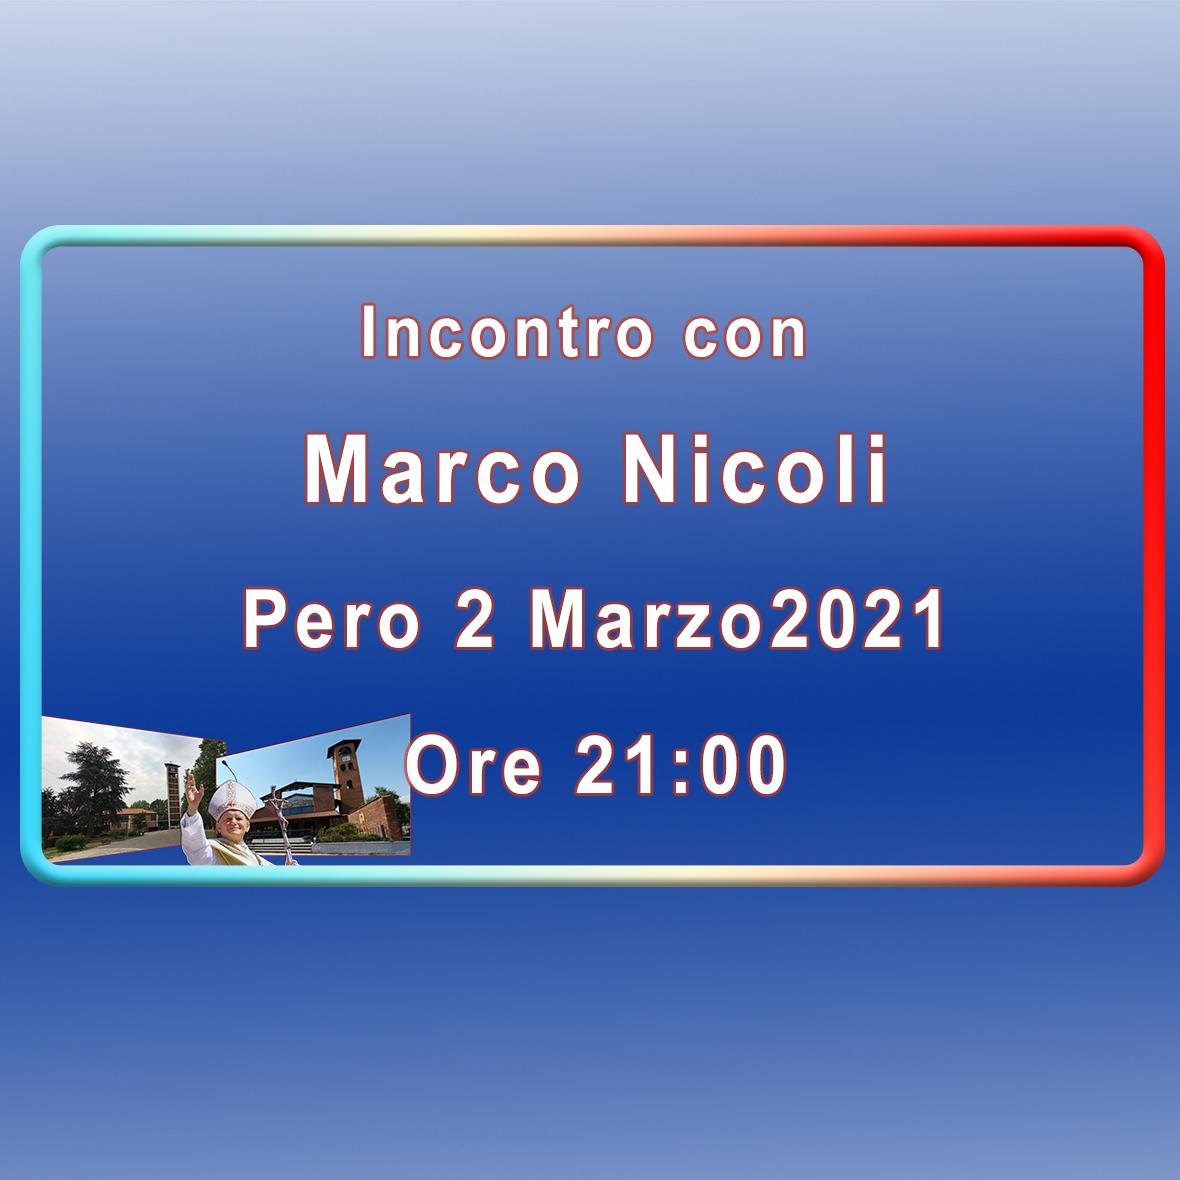 Incontro con Marco Nicoli